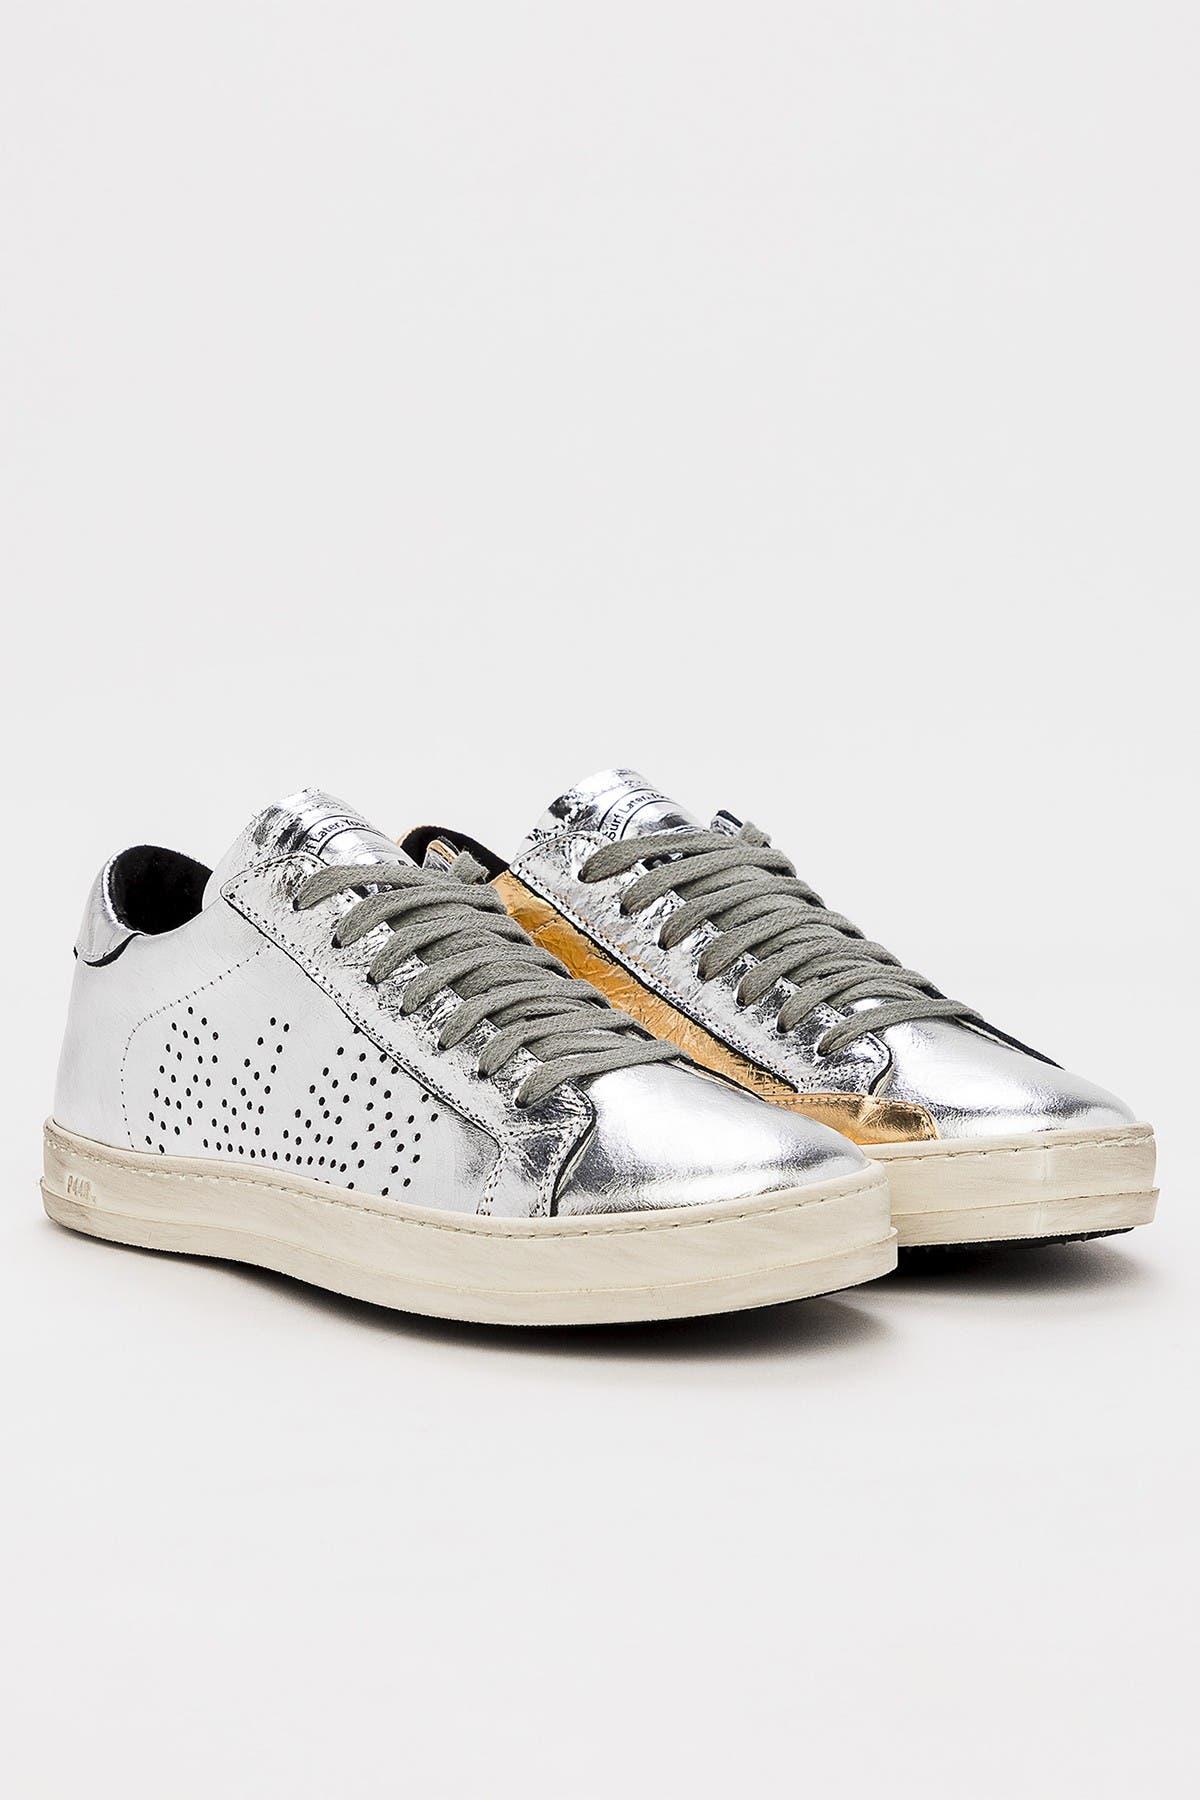 P448 | John Metallic Leather Sneaker